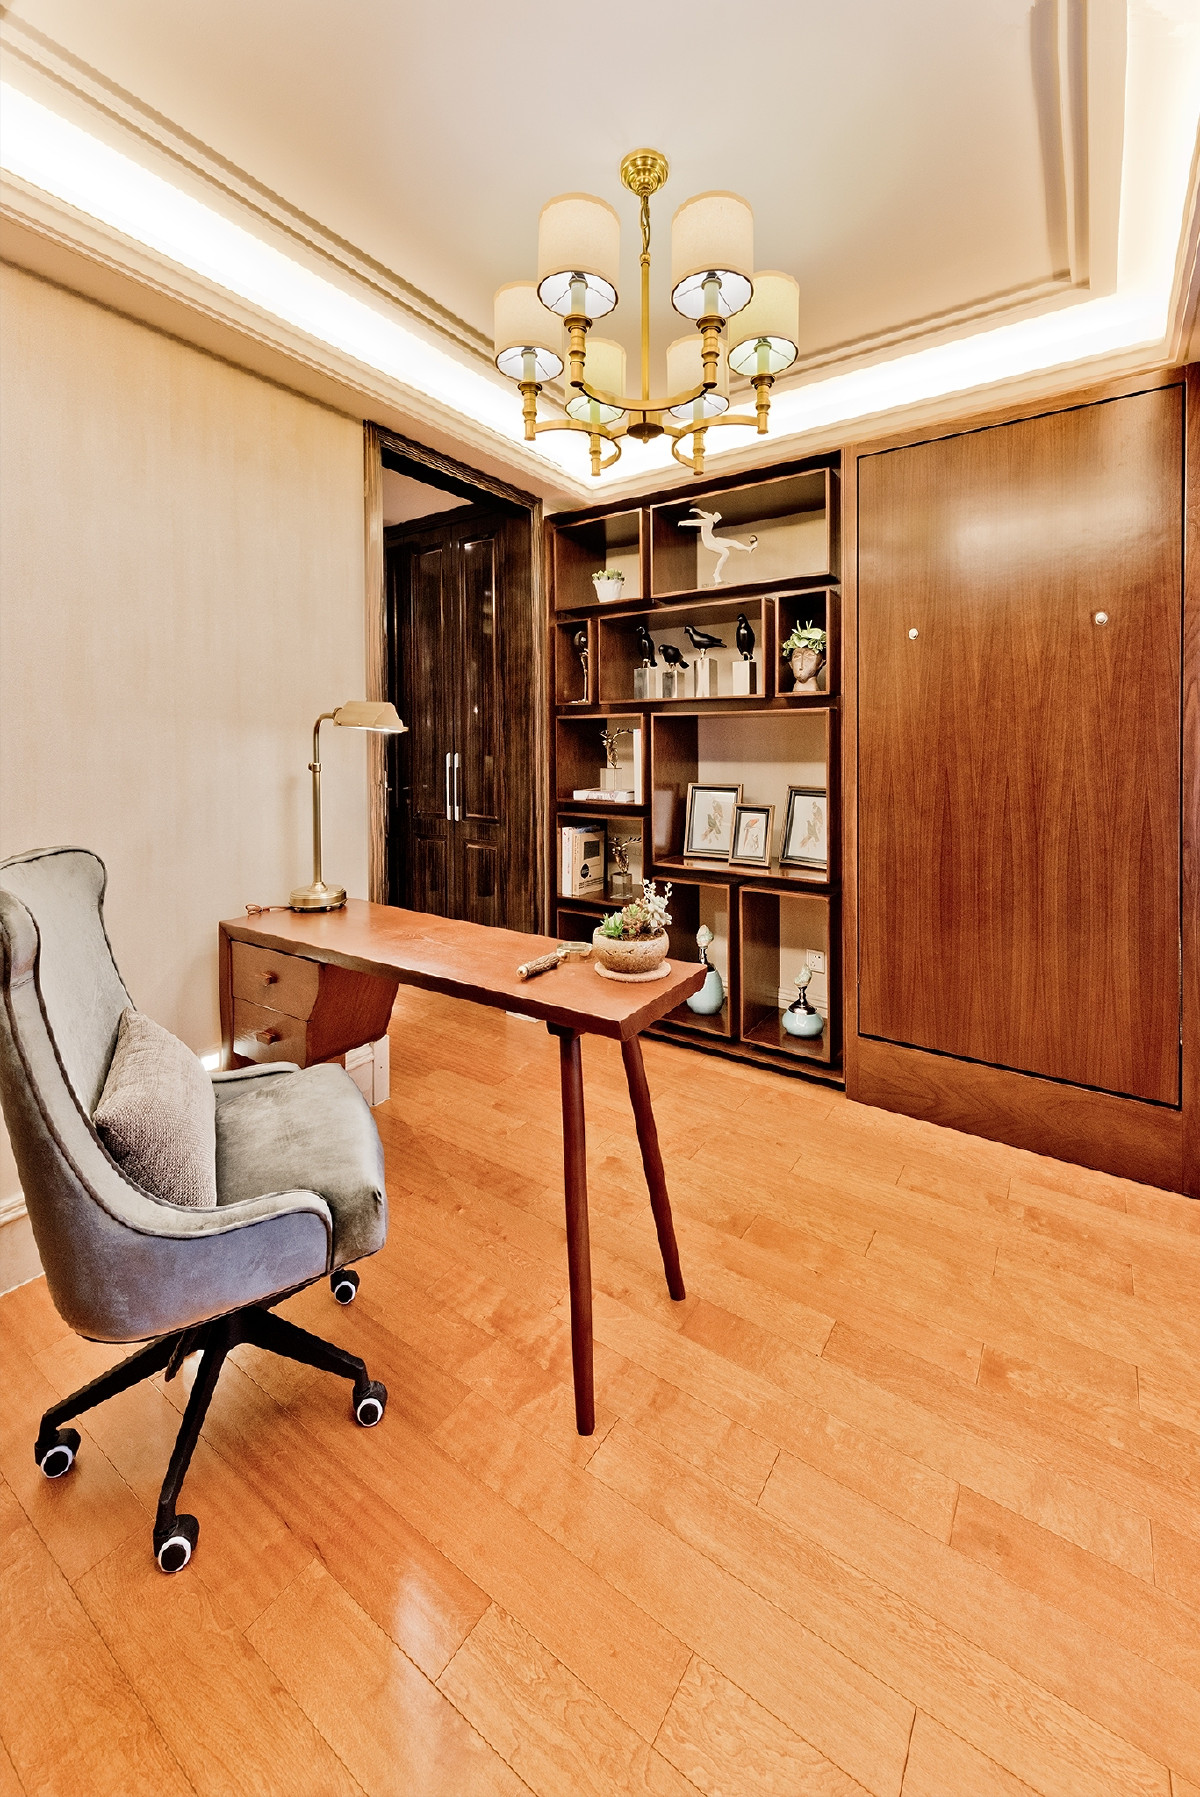 建发·璟墅别墅中间套叠加别墅项目装修现代风格设计案例展示,欢迎品鉴